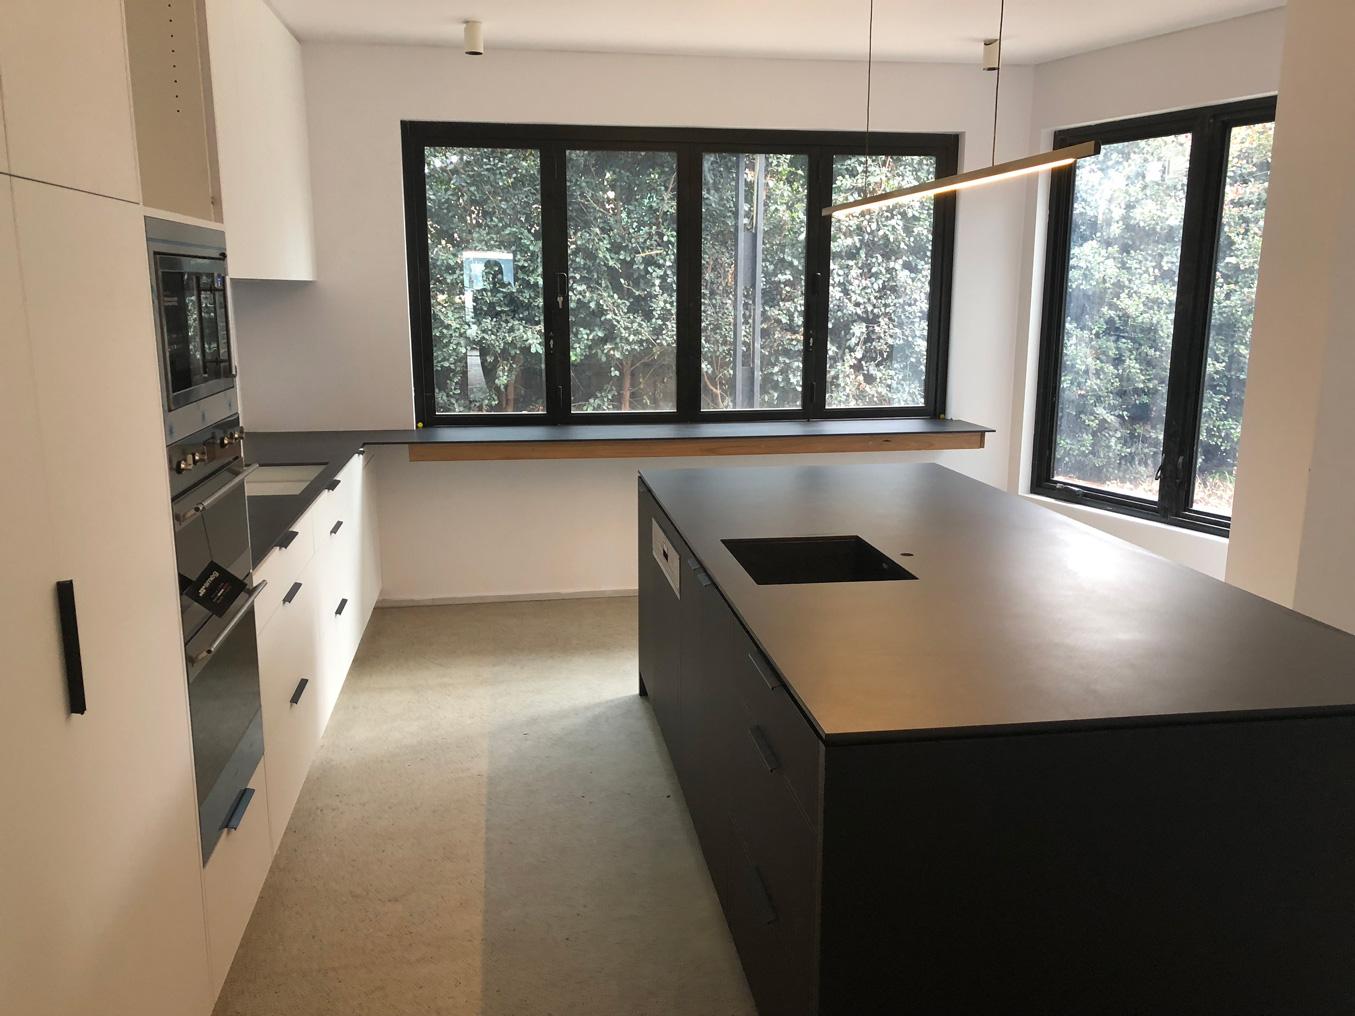 FERN-AVE_kitchen.jpg